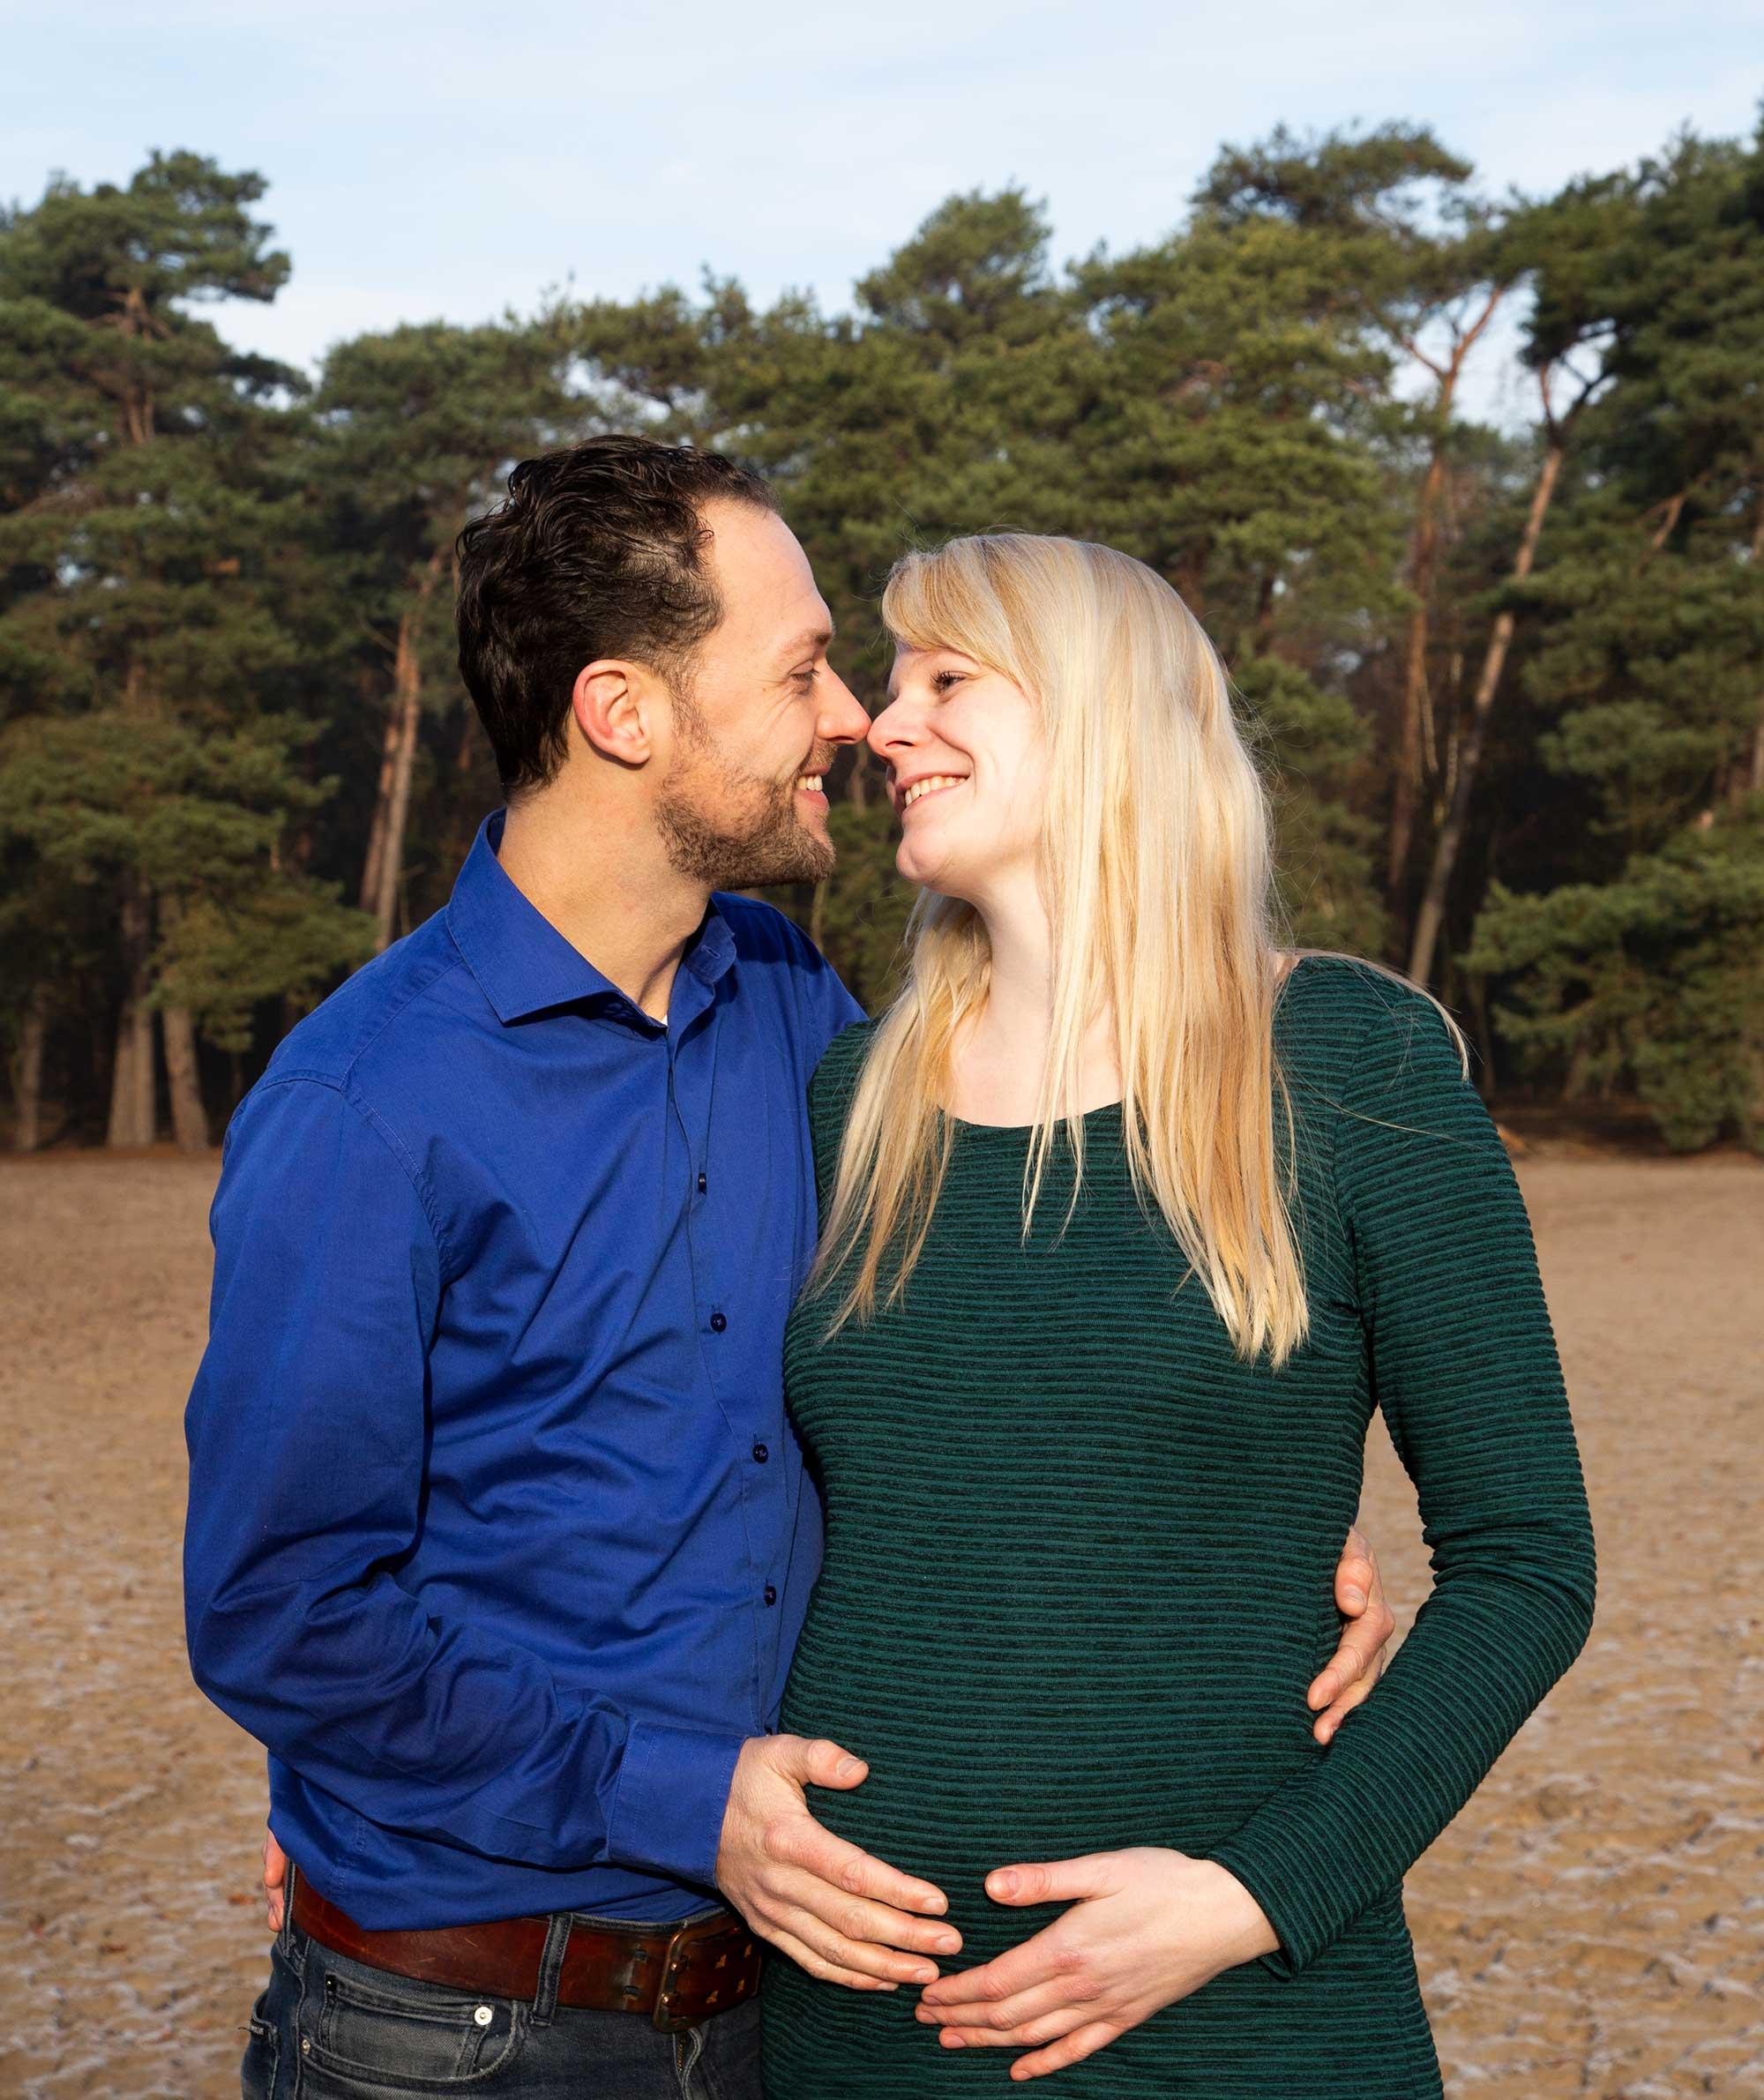 fotoshoot zwangerschap buiten in de natuur